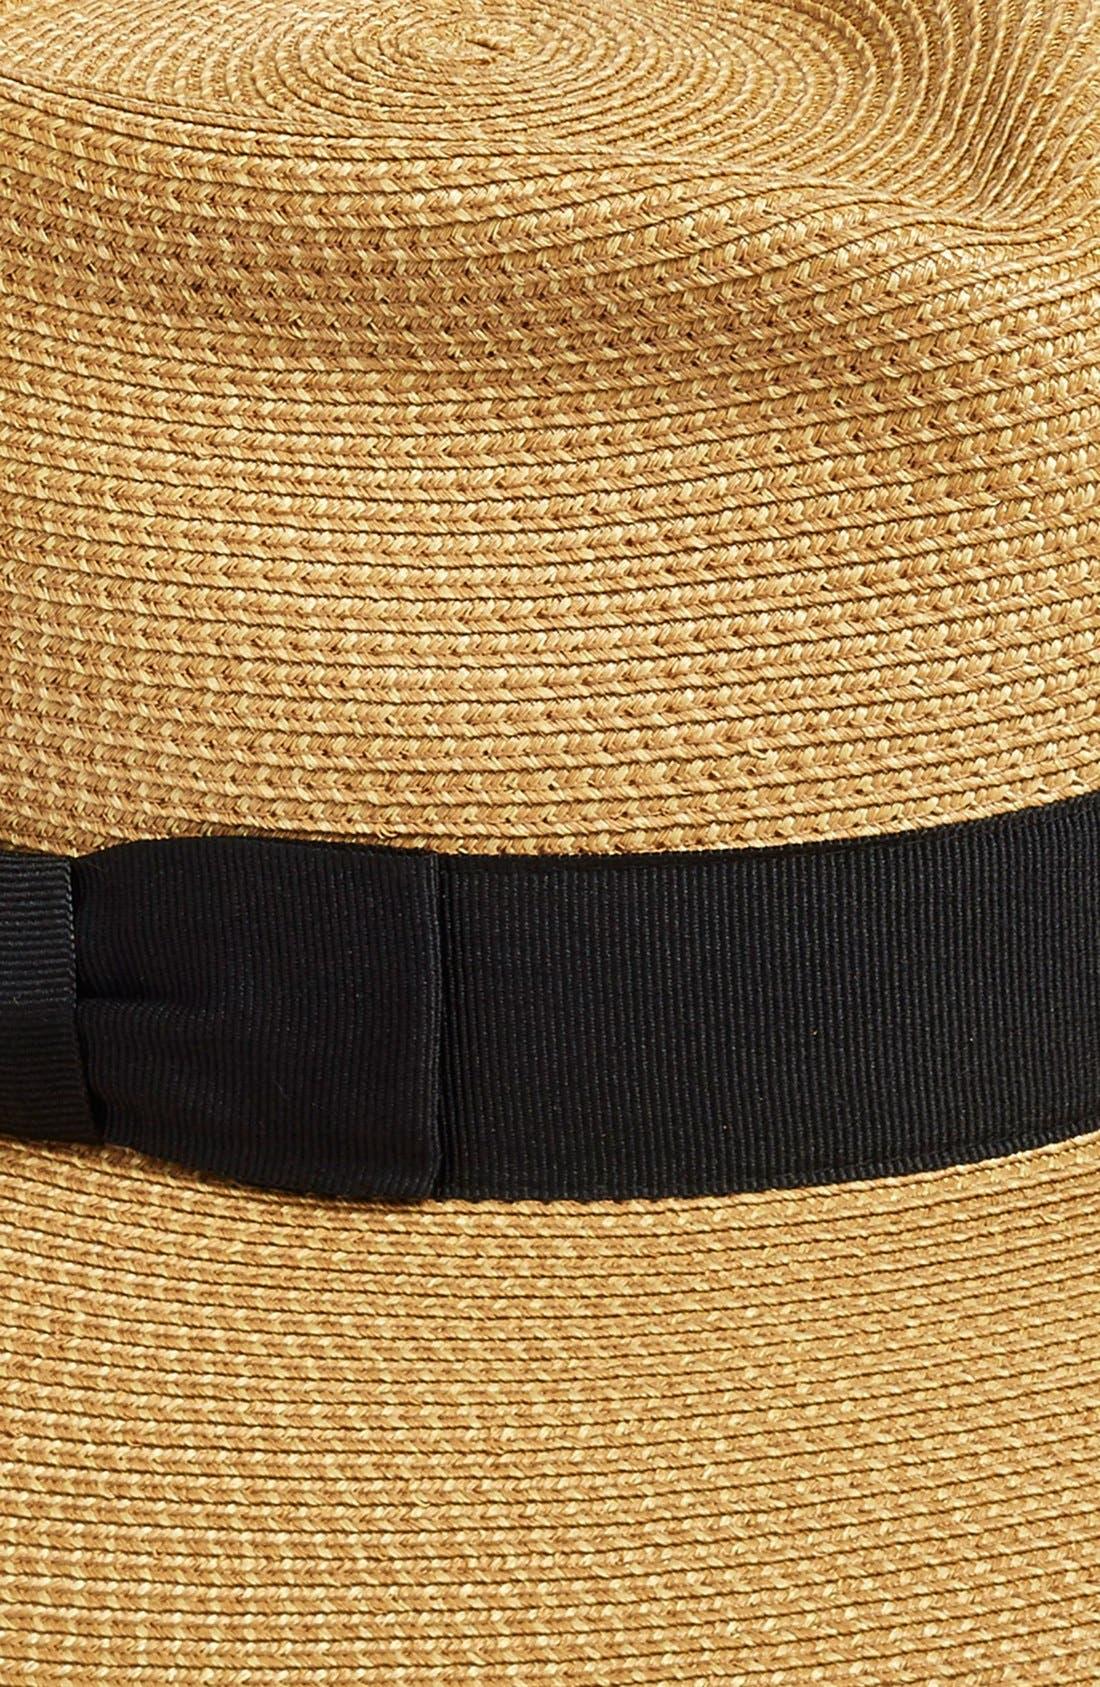 'Phoenix' Packable Fedora Sun Hat,                             Alternate thumbnail 2, color,                             Natural/ Black